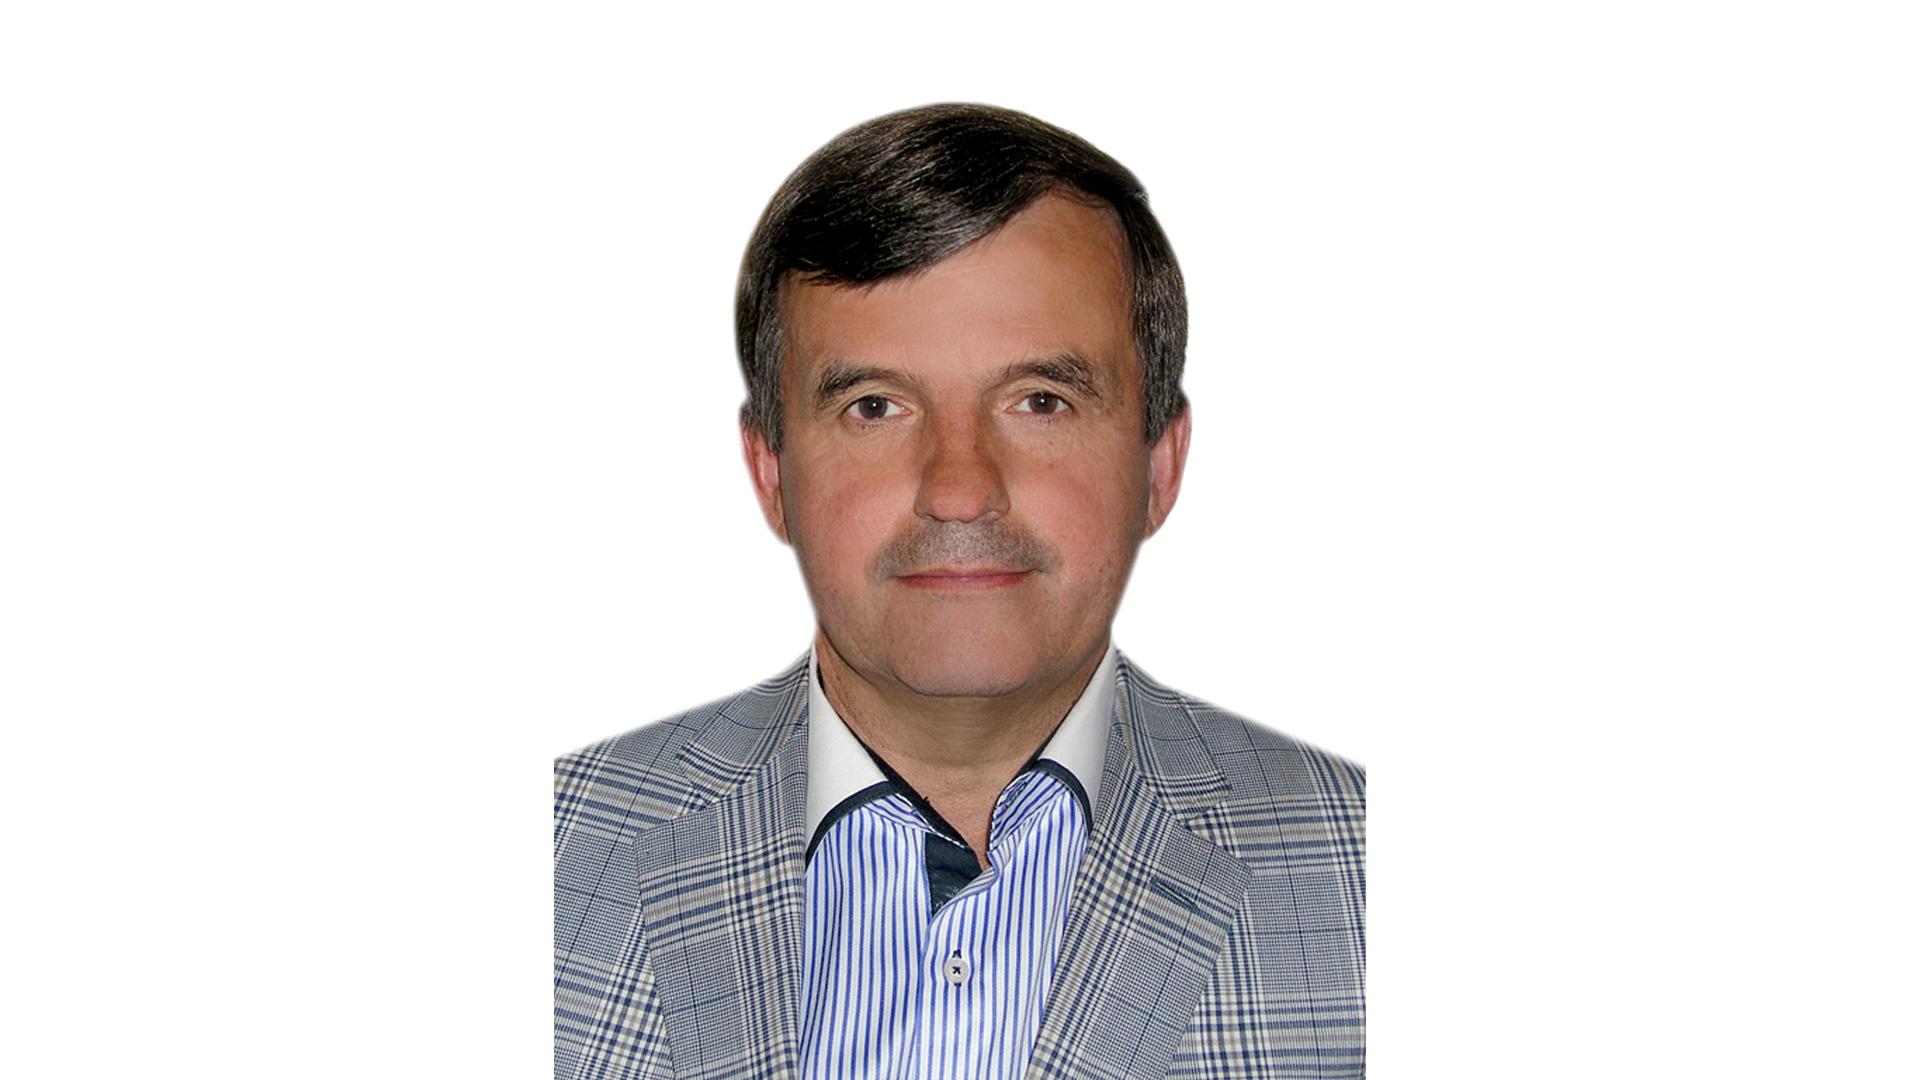 vladimir-ivanovich-osejchuk-foto-dlya-ankety-1